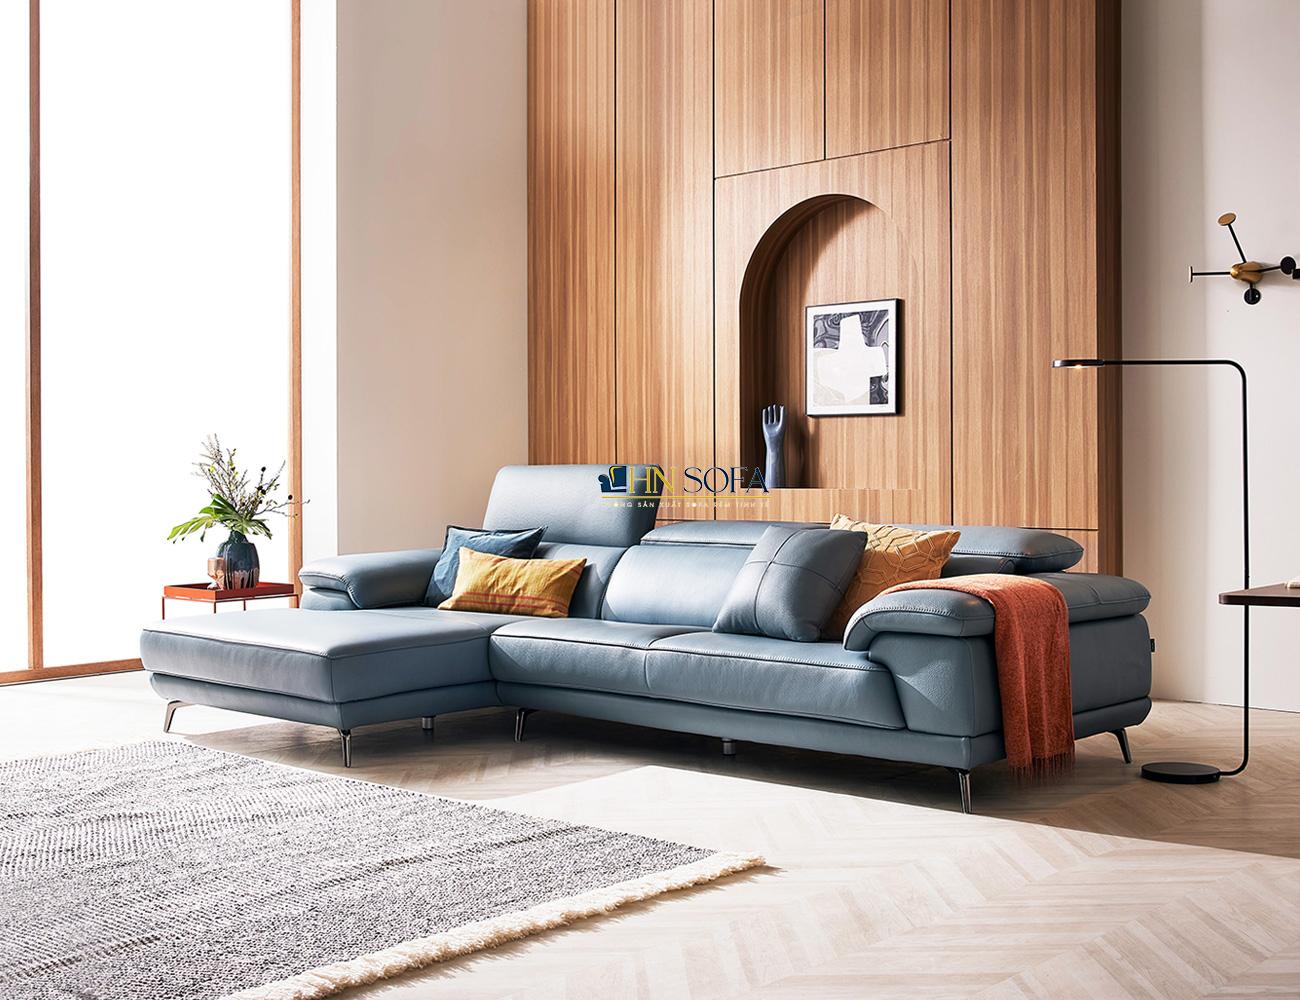 Sofa da Hàn Quốc chính hãng HNS32